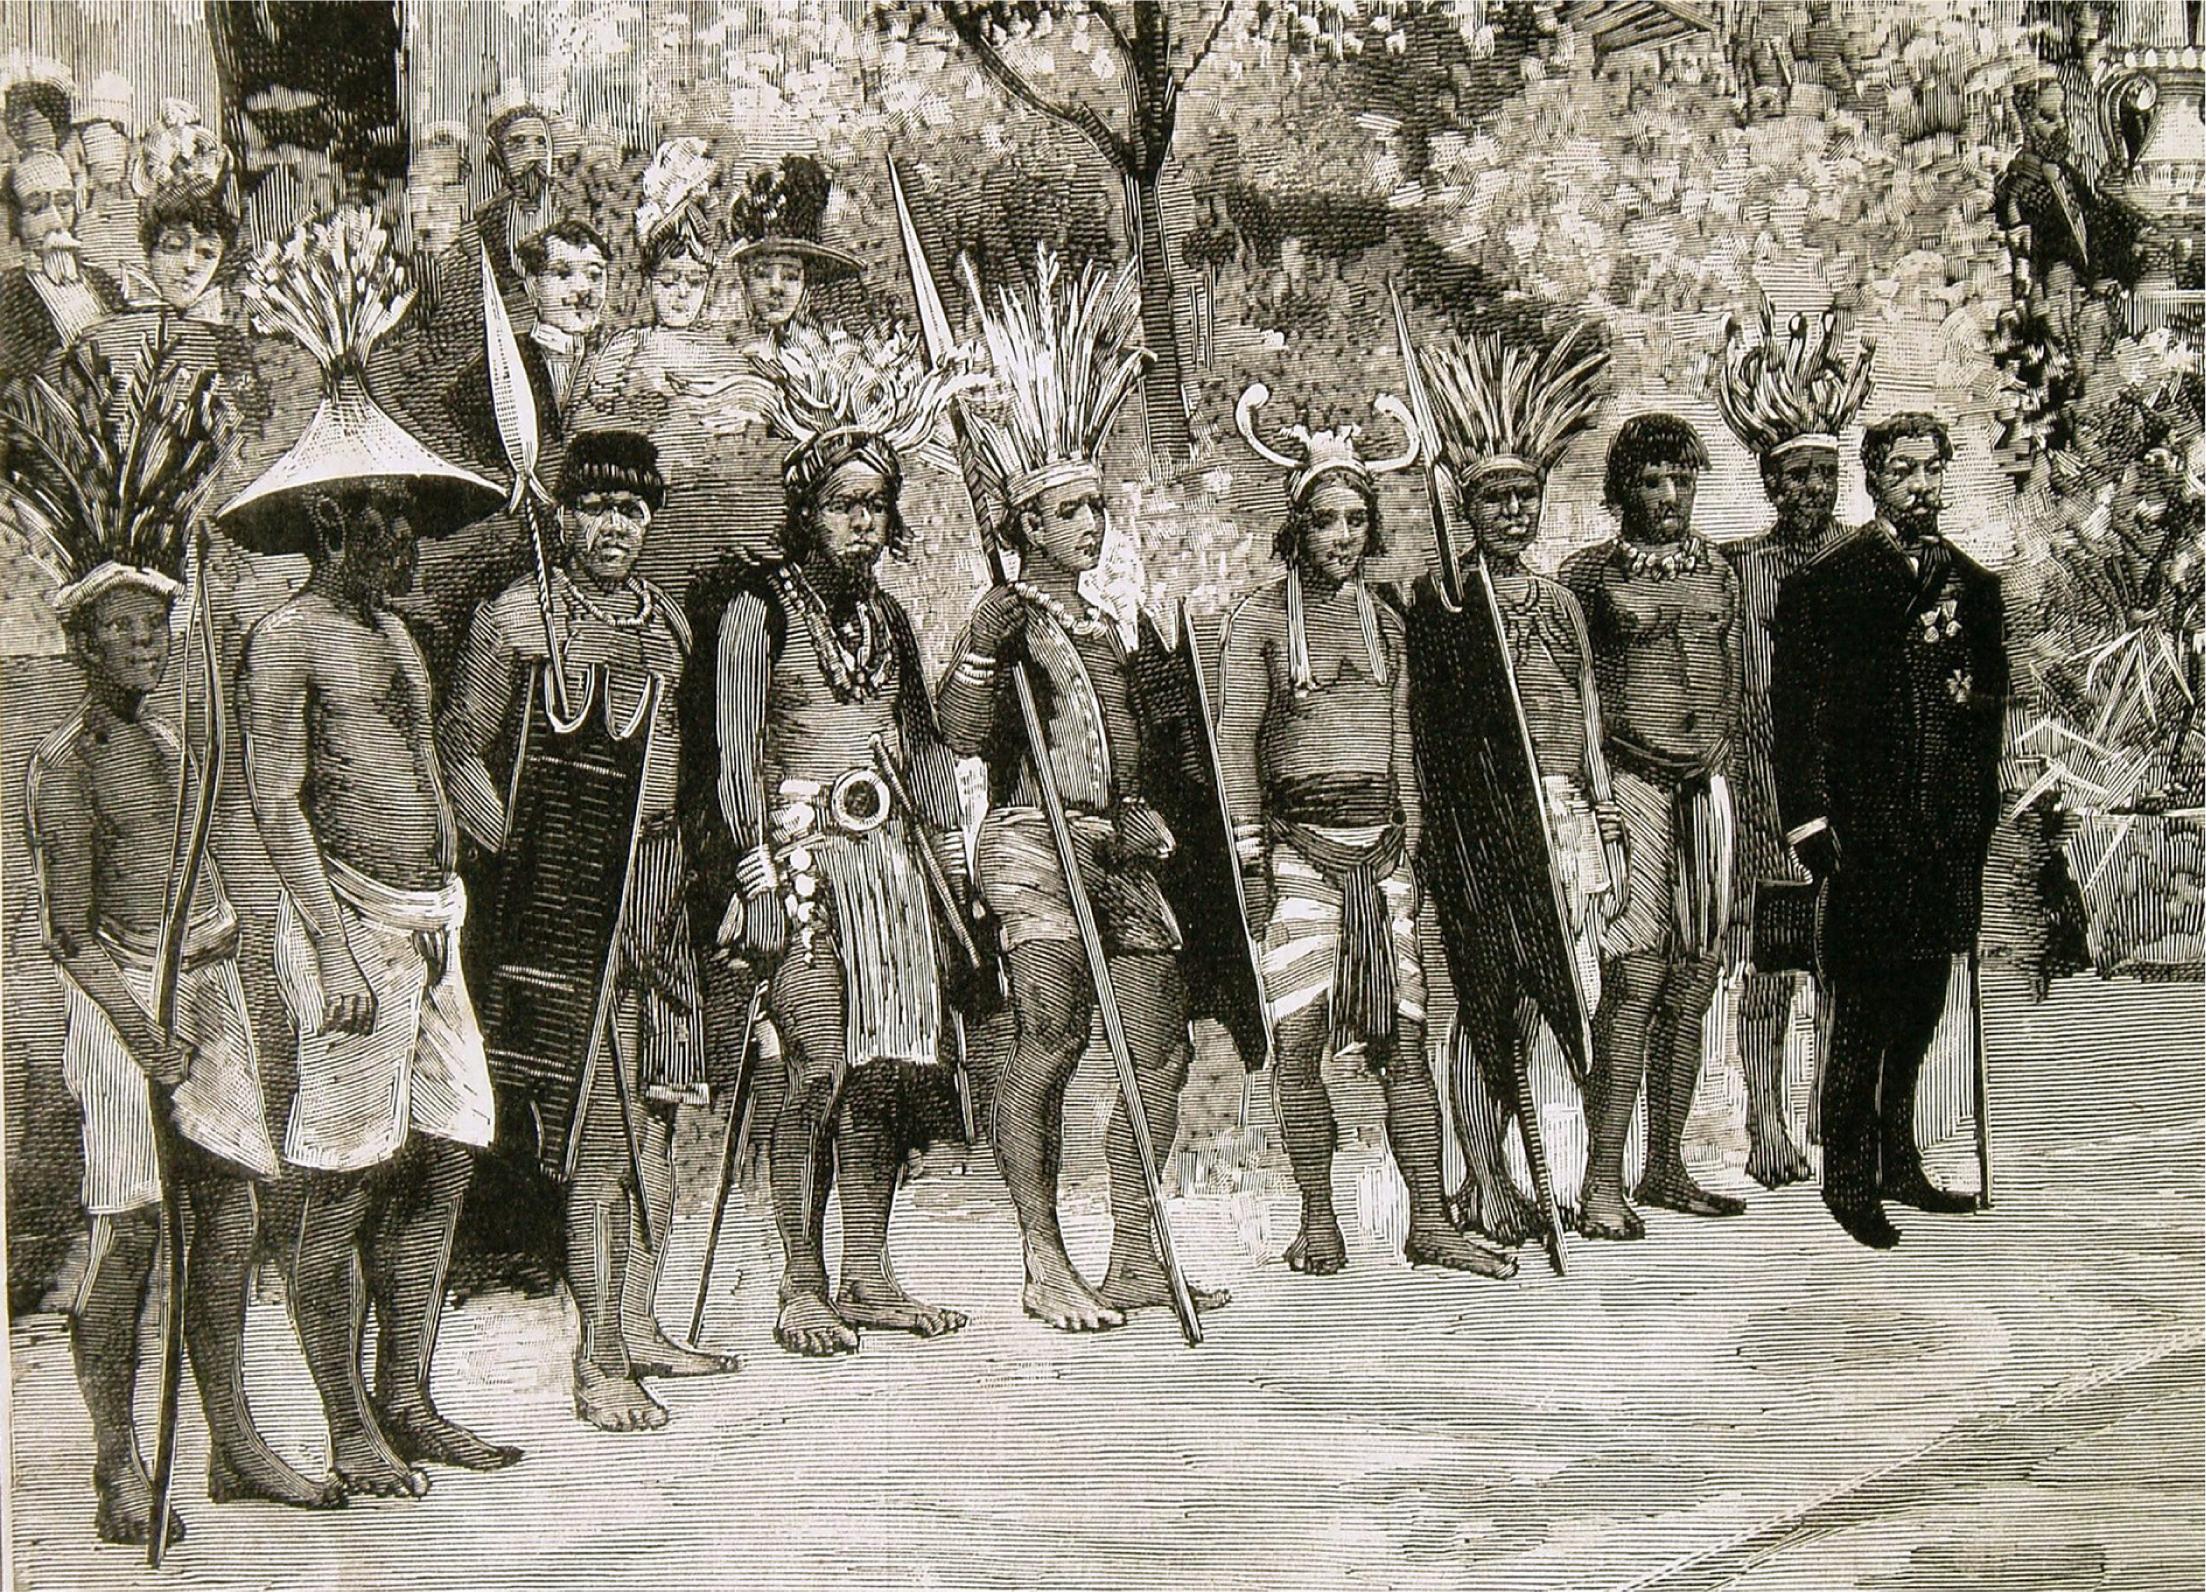 Opening of the Philippine Exhibition, Madrid, 1887 (detail). La Ilustración Española y Americana, July 8, 1887.